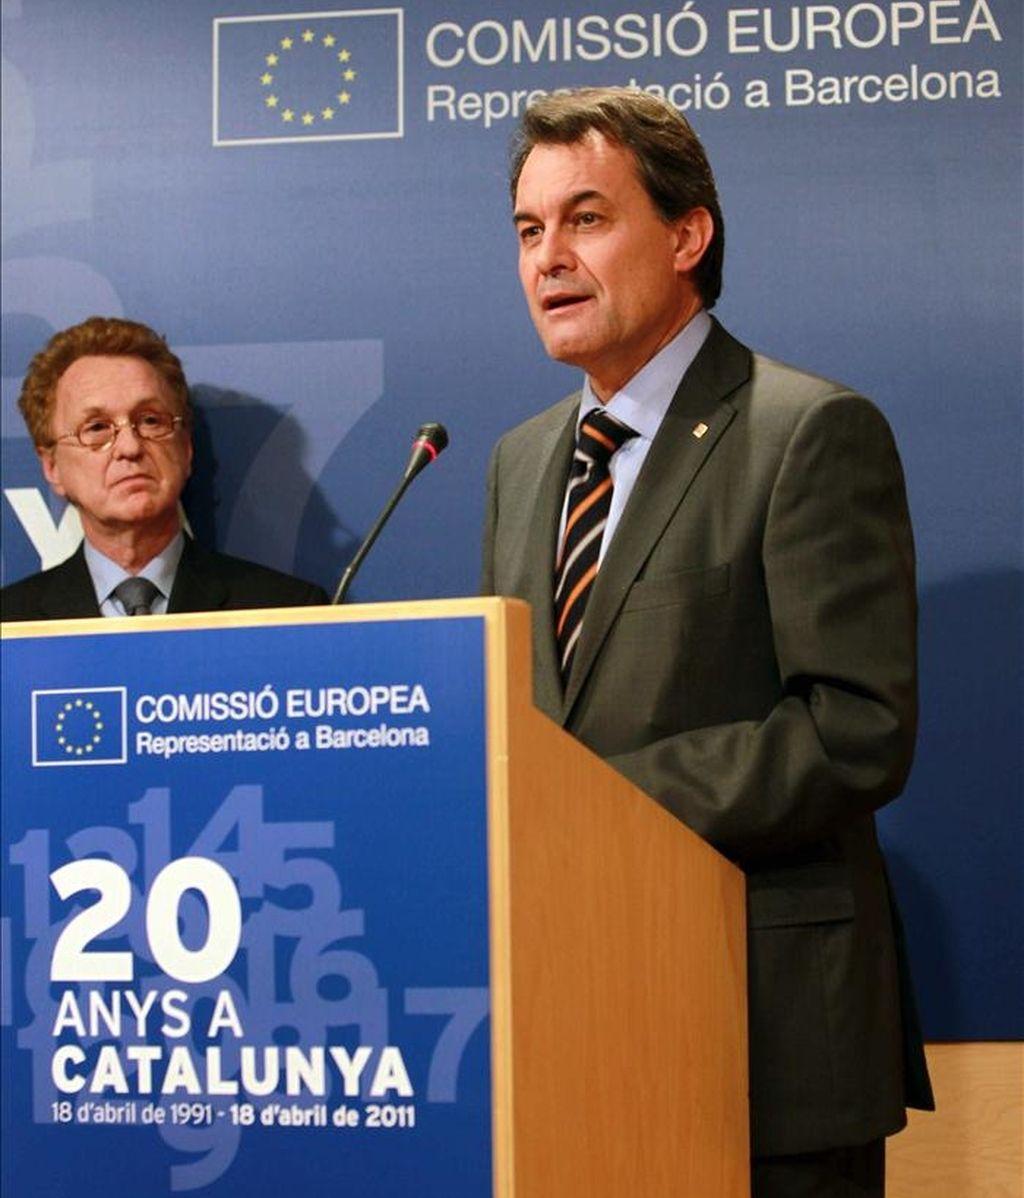 El presidente de la Generalitat, Artur Mas (d), ha descartado hoy la rebaja del IRPF a las rentas más altas mientras dure el ajuste, según ha afirmado durante un acto con motivo de los 20 años de la representación de la Comisión Europea en Barcelona. En la foto, Mas durante el acto, junto al delegado de la CE para Cataluña y Baleares, Manel Camós (i). EFE